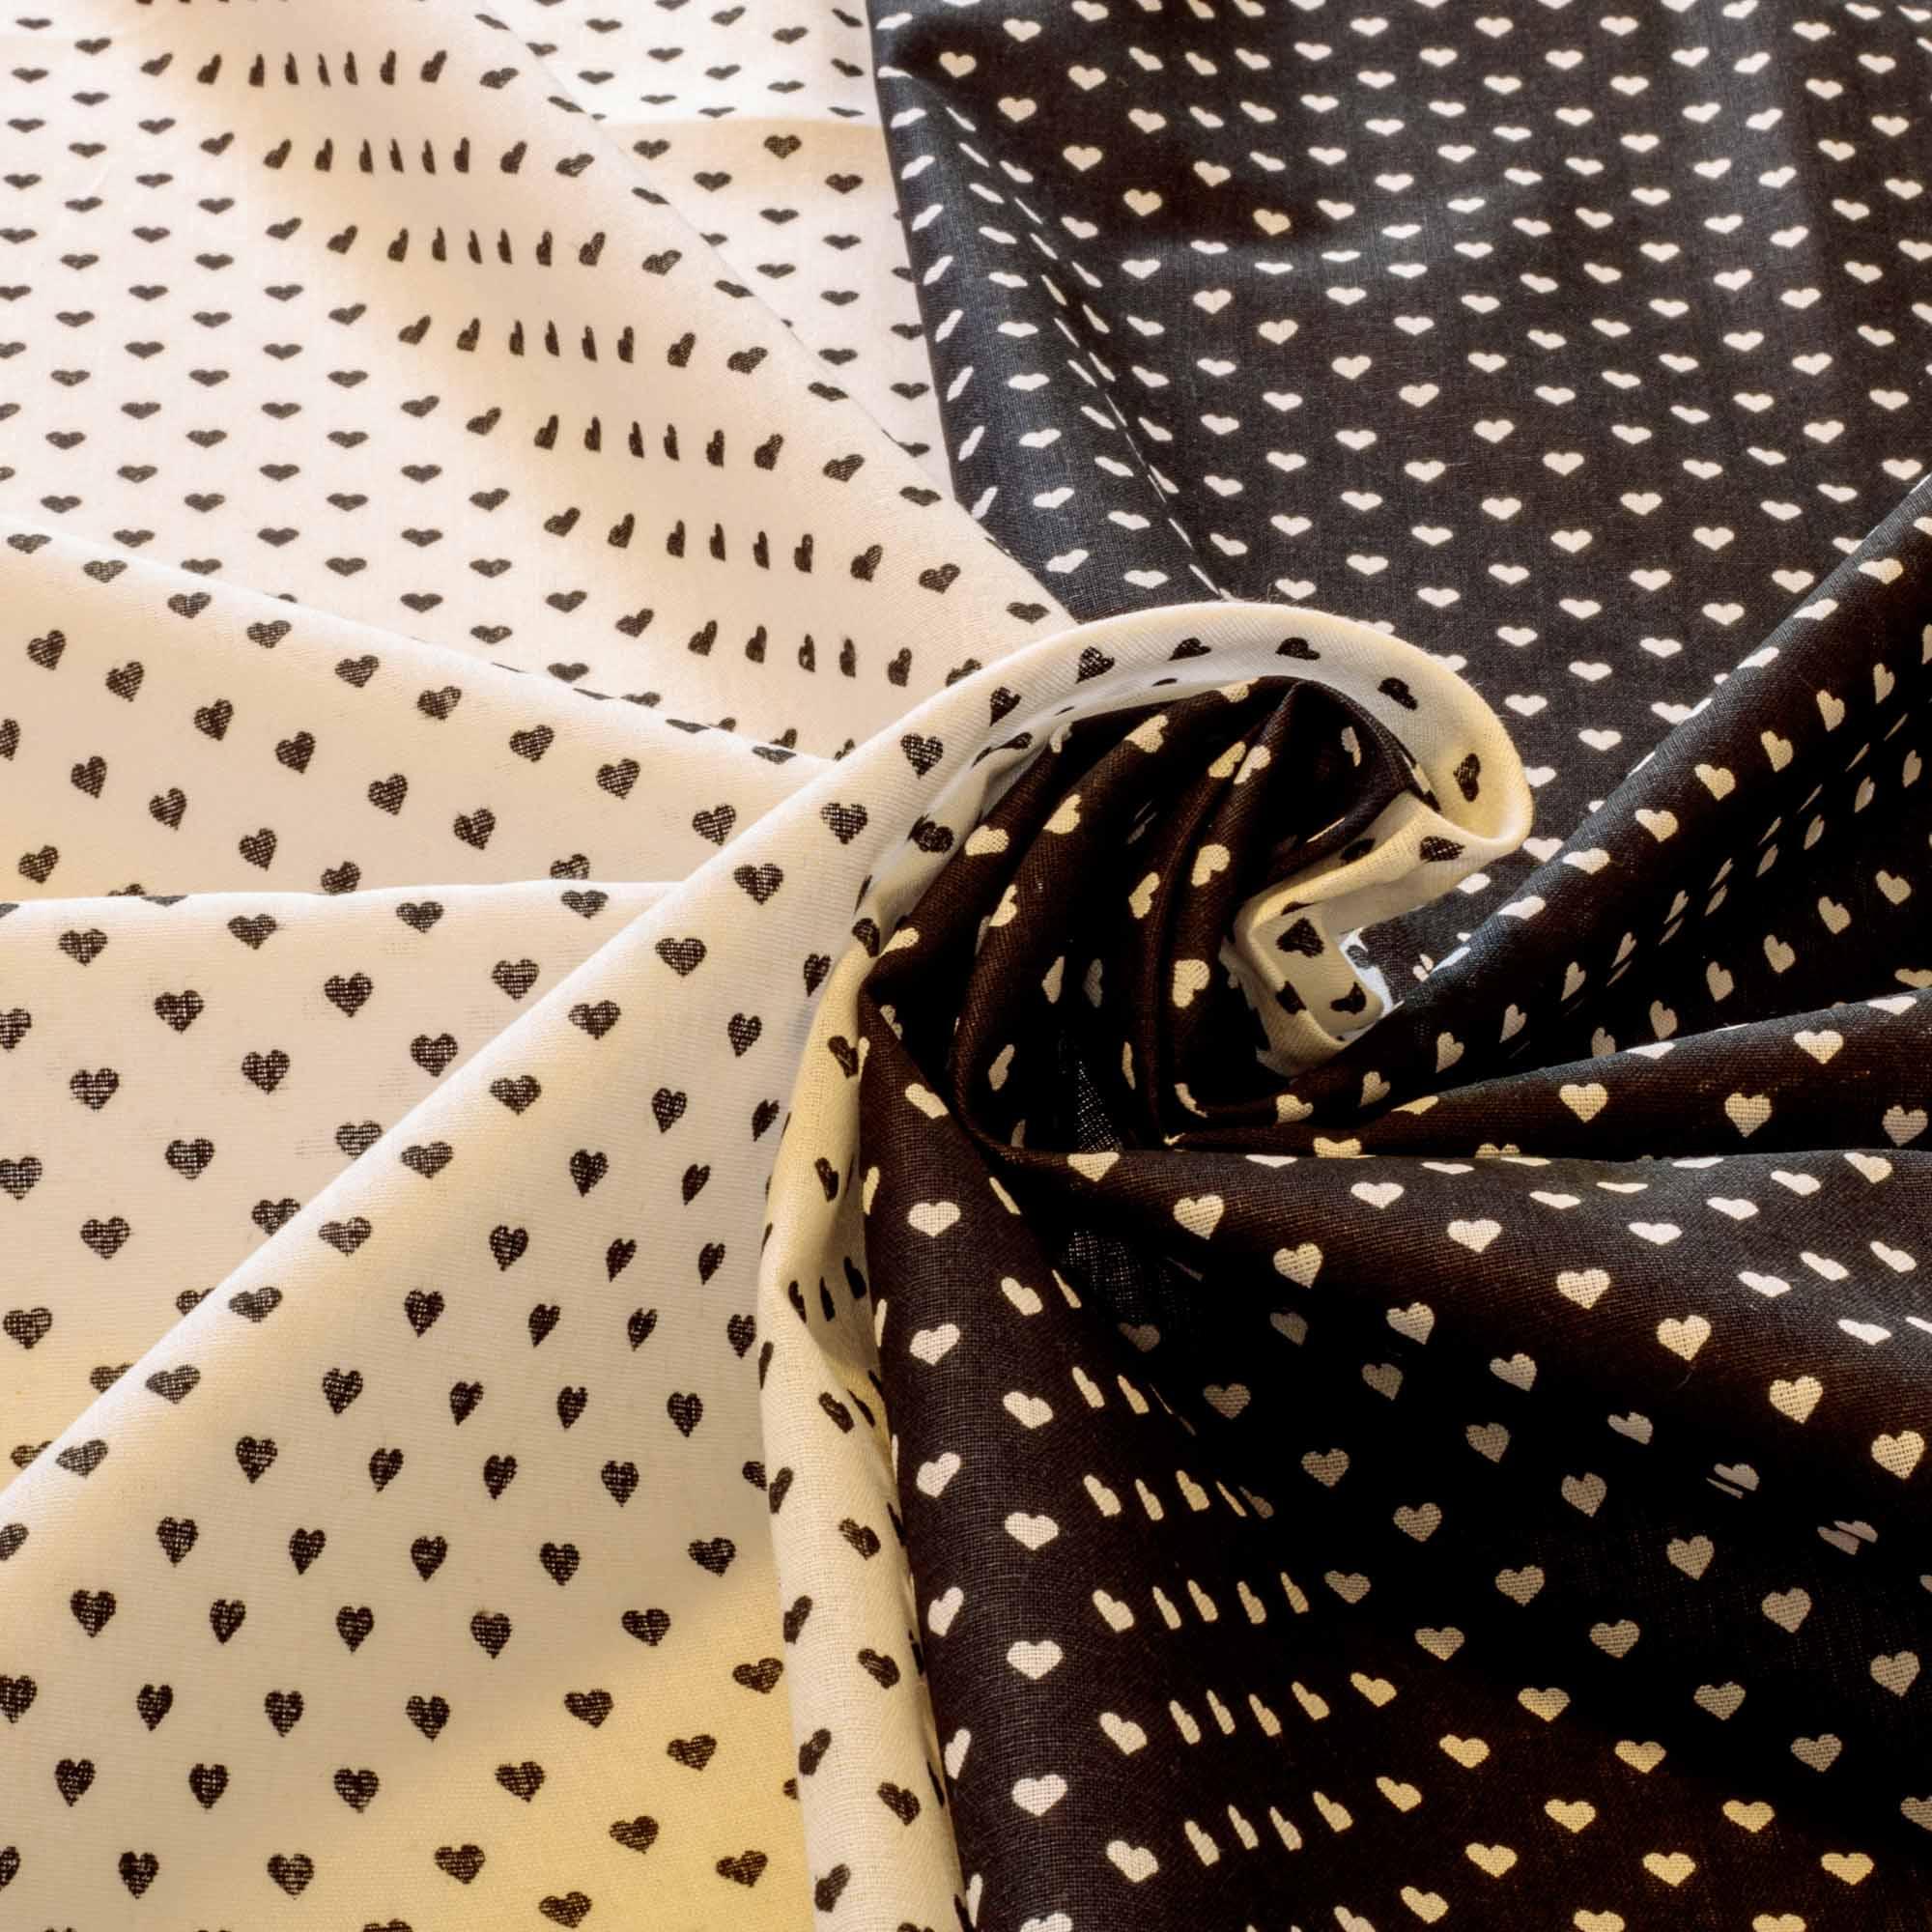 Kit Composê tecido tricoline coração 1,40 m largura preto